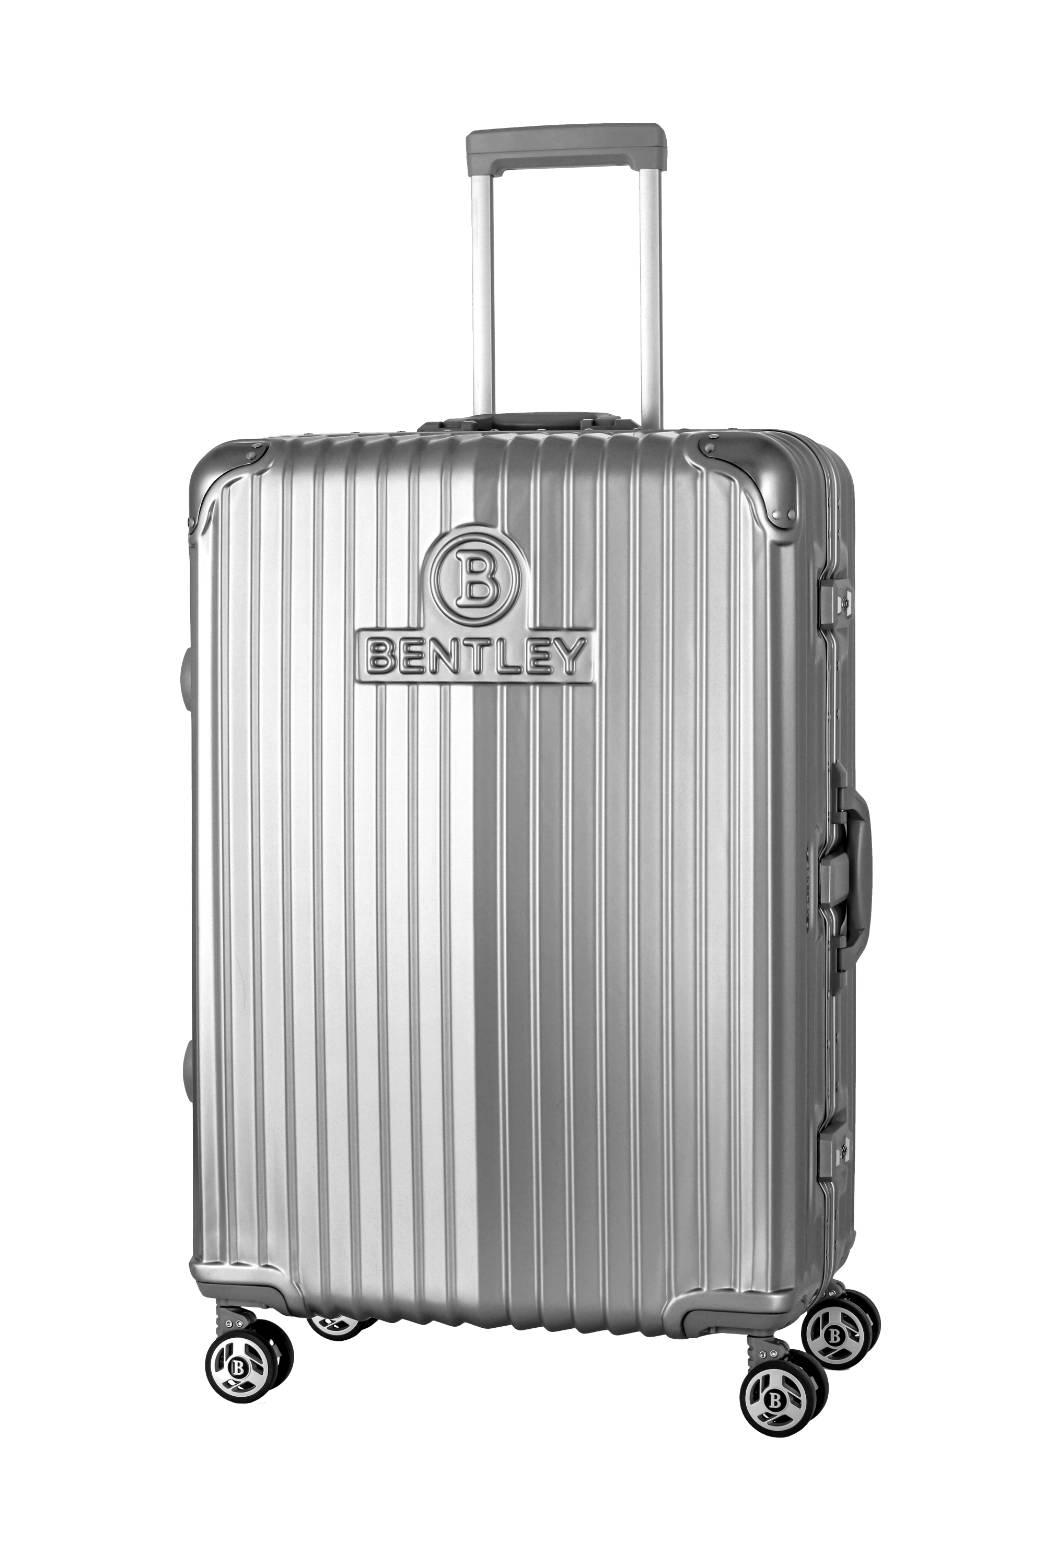 【加賀皮件】Bentley 賓利 PC+ABS 鋁框 硬殼 行李箱 29吋 旅行箱 BL-L1207